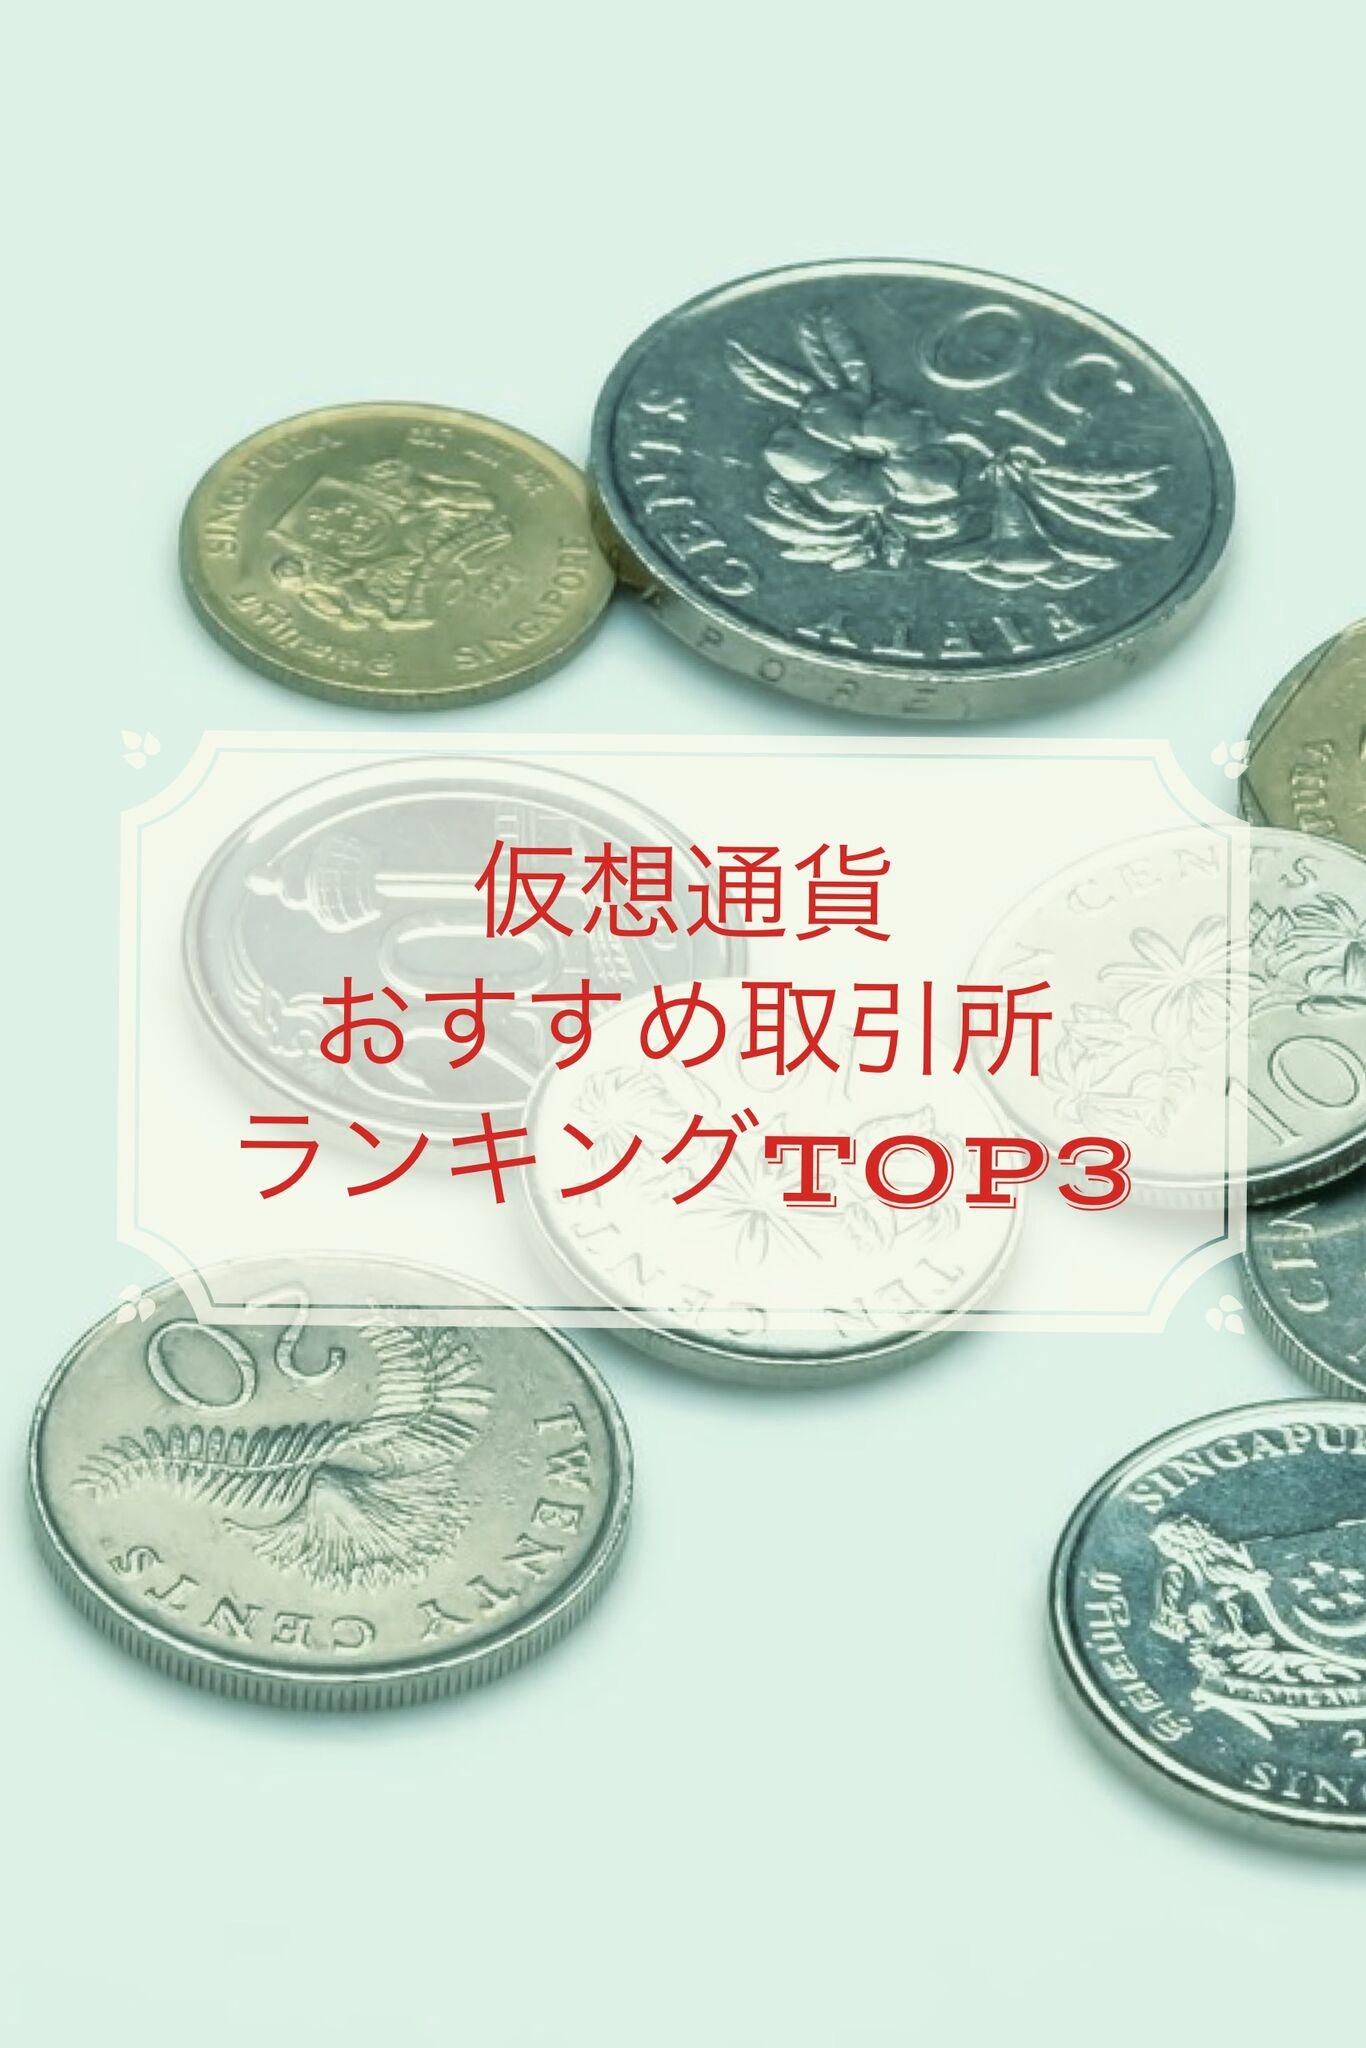 仮想通貨おすすめ取引所ランキング